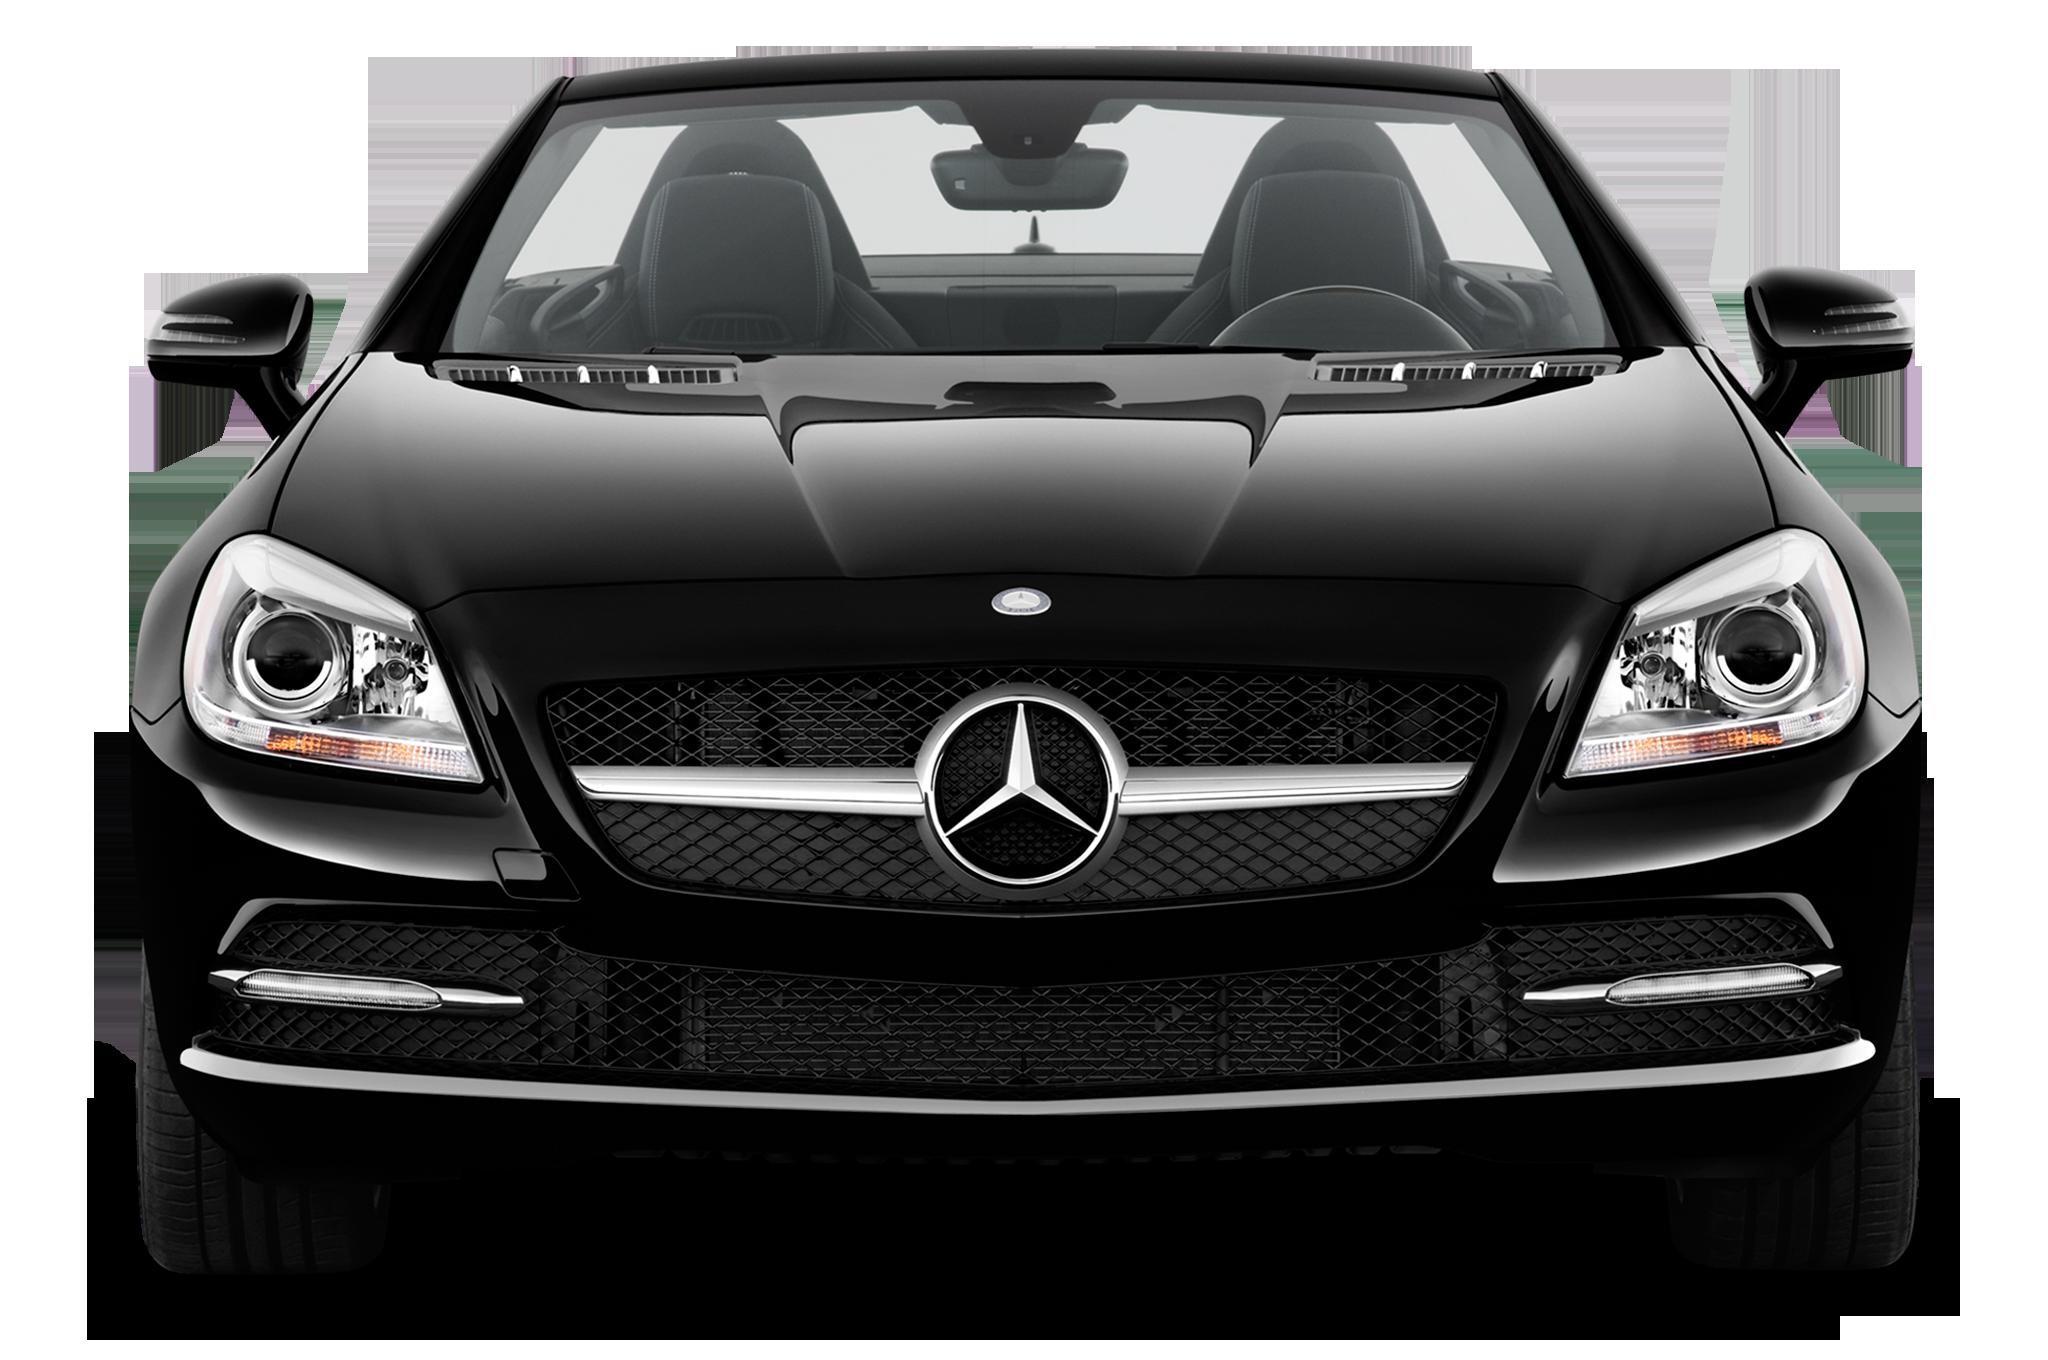 2012 mercedes benz slk250 editors 39 notebook automobile. Black Bedroom Furniture Sets. Home Design Ideas